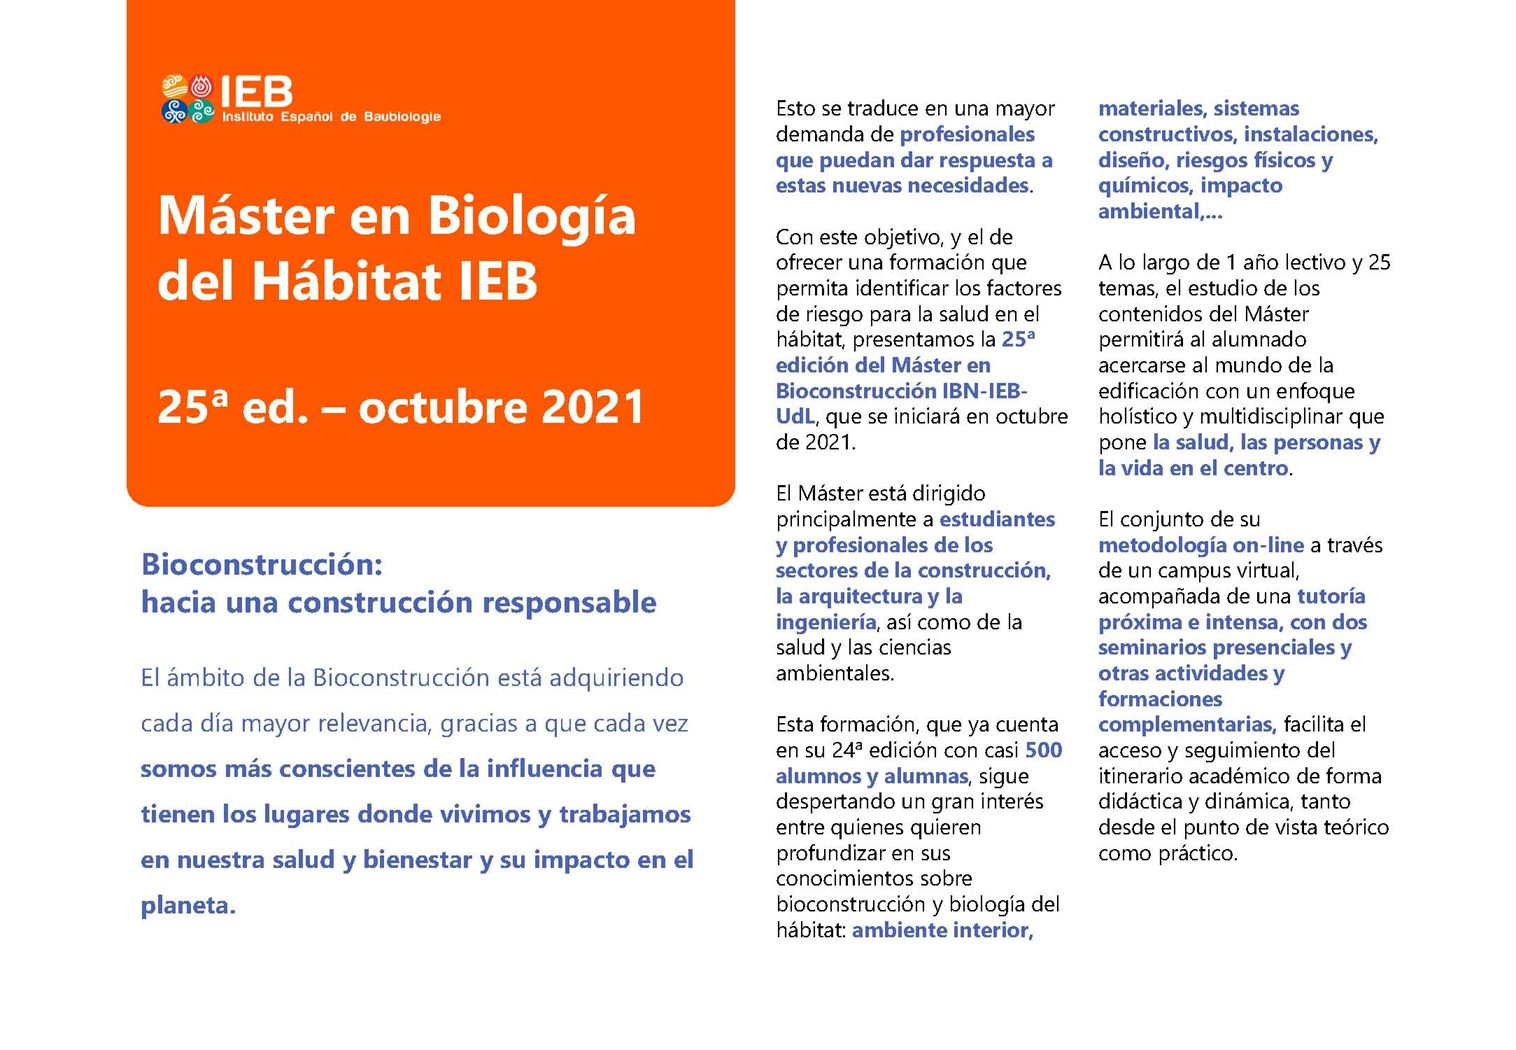 máster bioconstrucción IEB